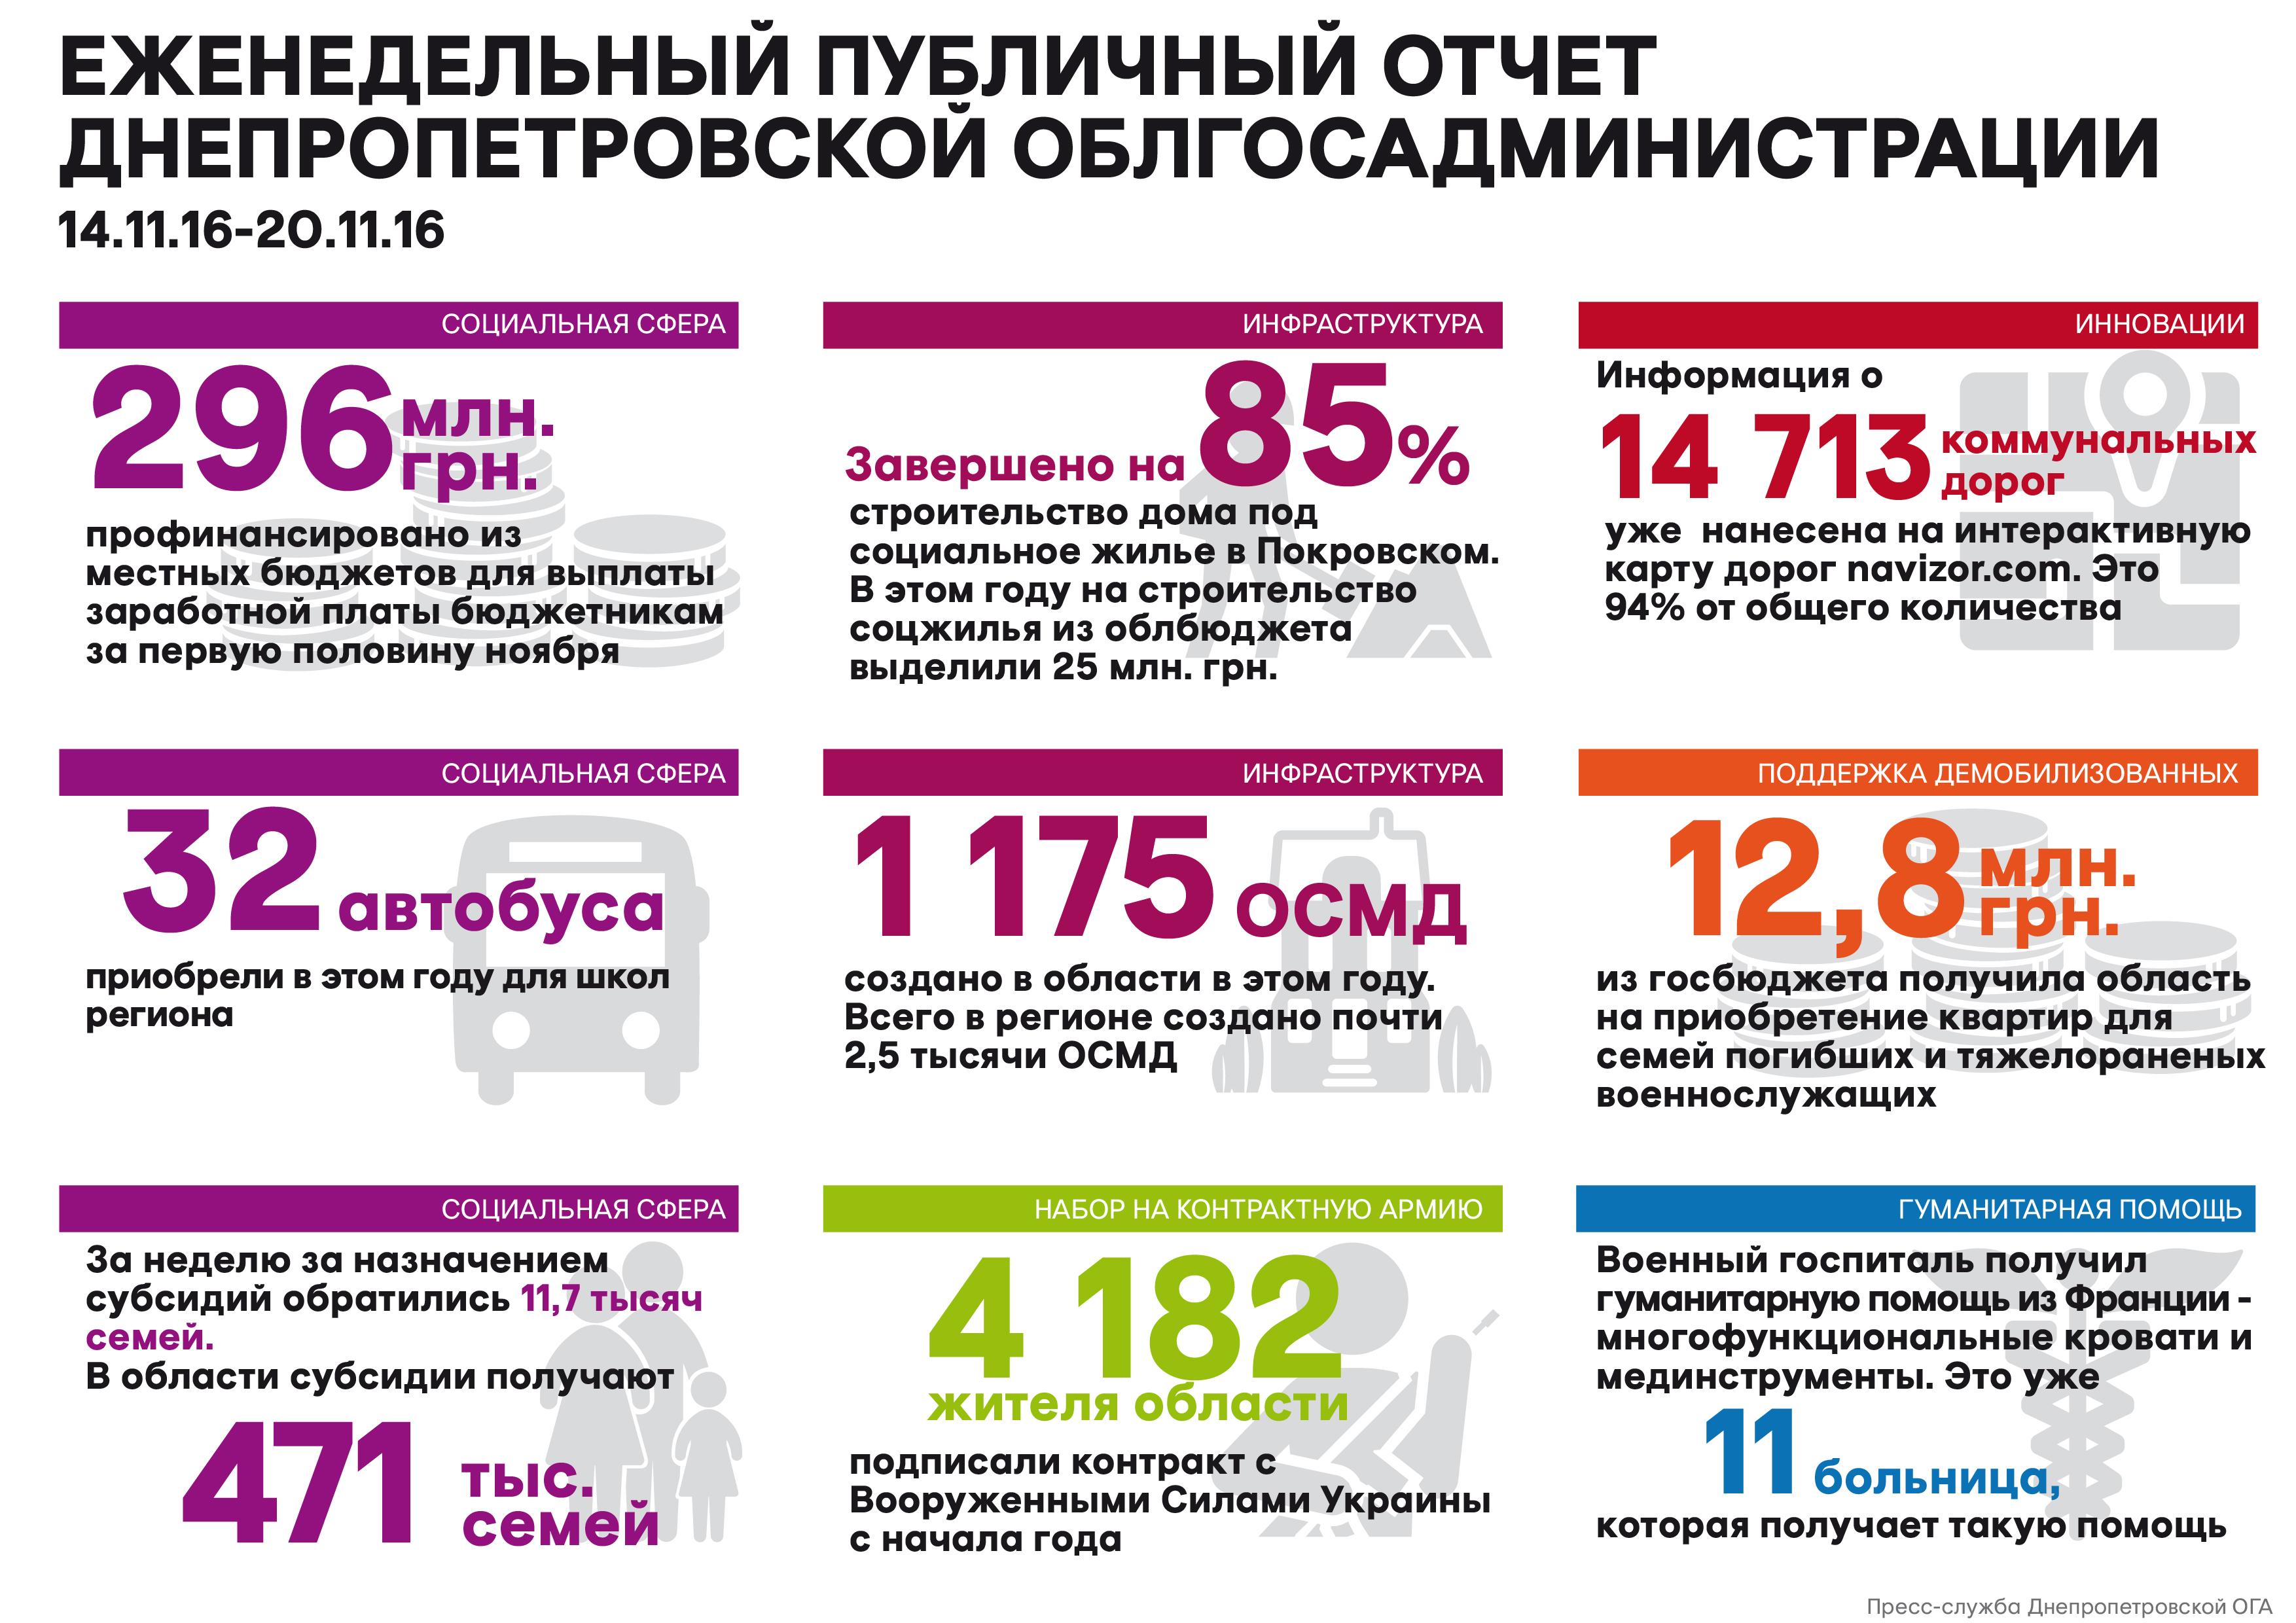 Недельный_отчет_21.11.16_рус_01-01-1